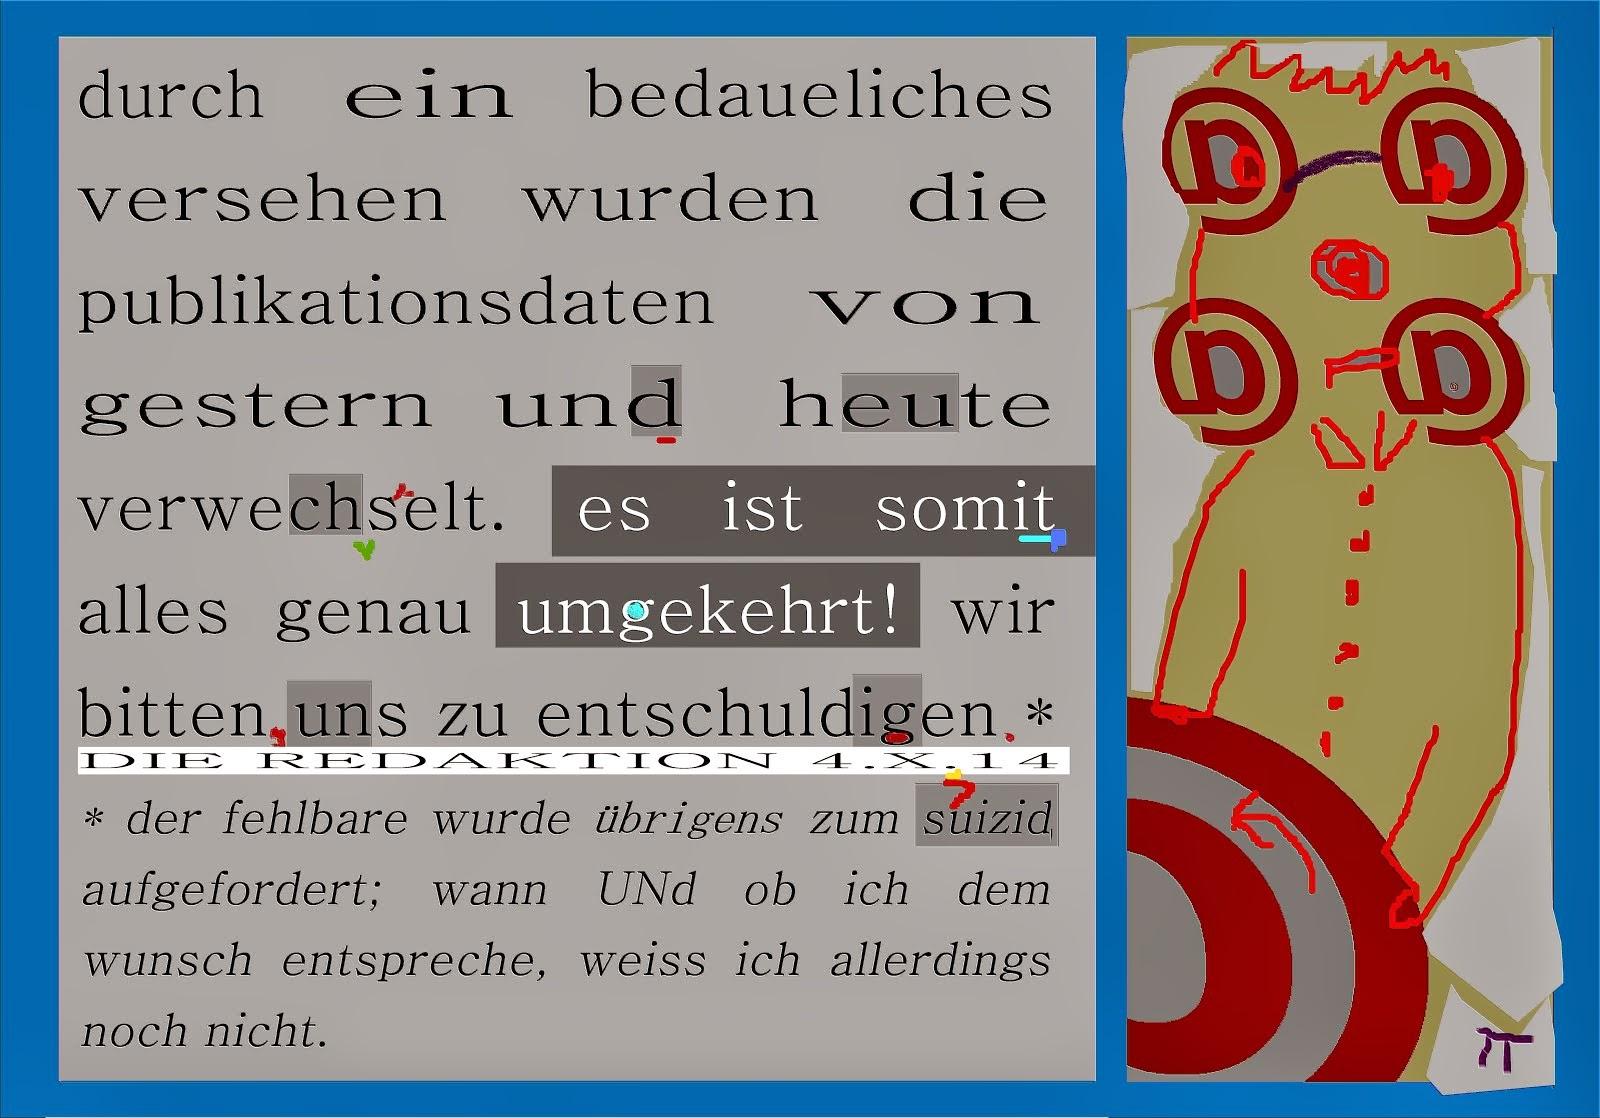 berichtigung korrektur DGR TMR LRM humor bp gauck suizidaufforderung DE